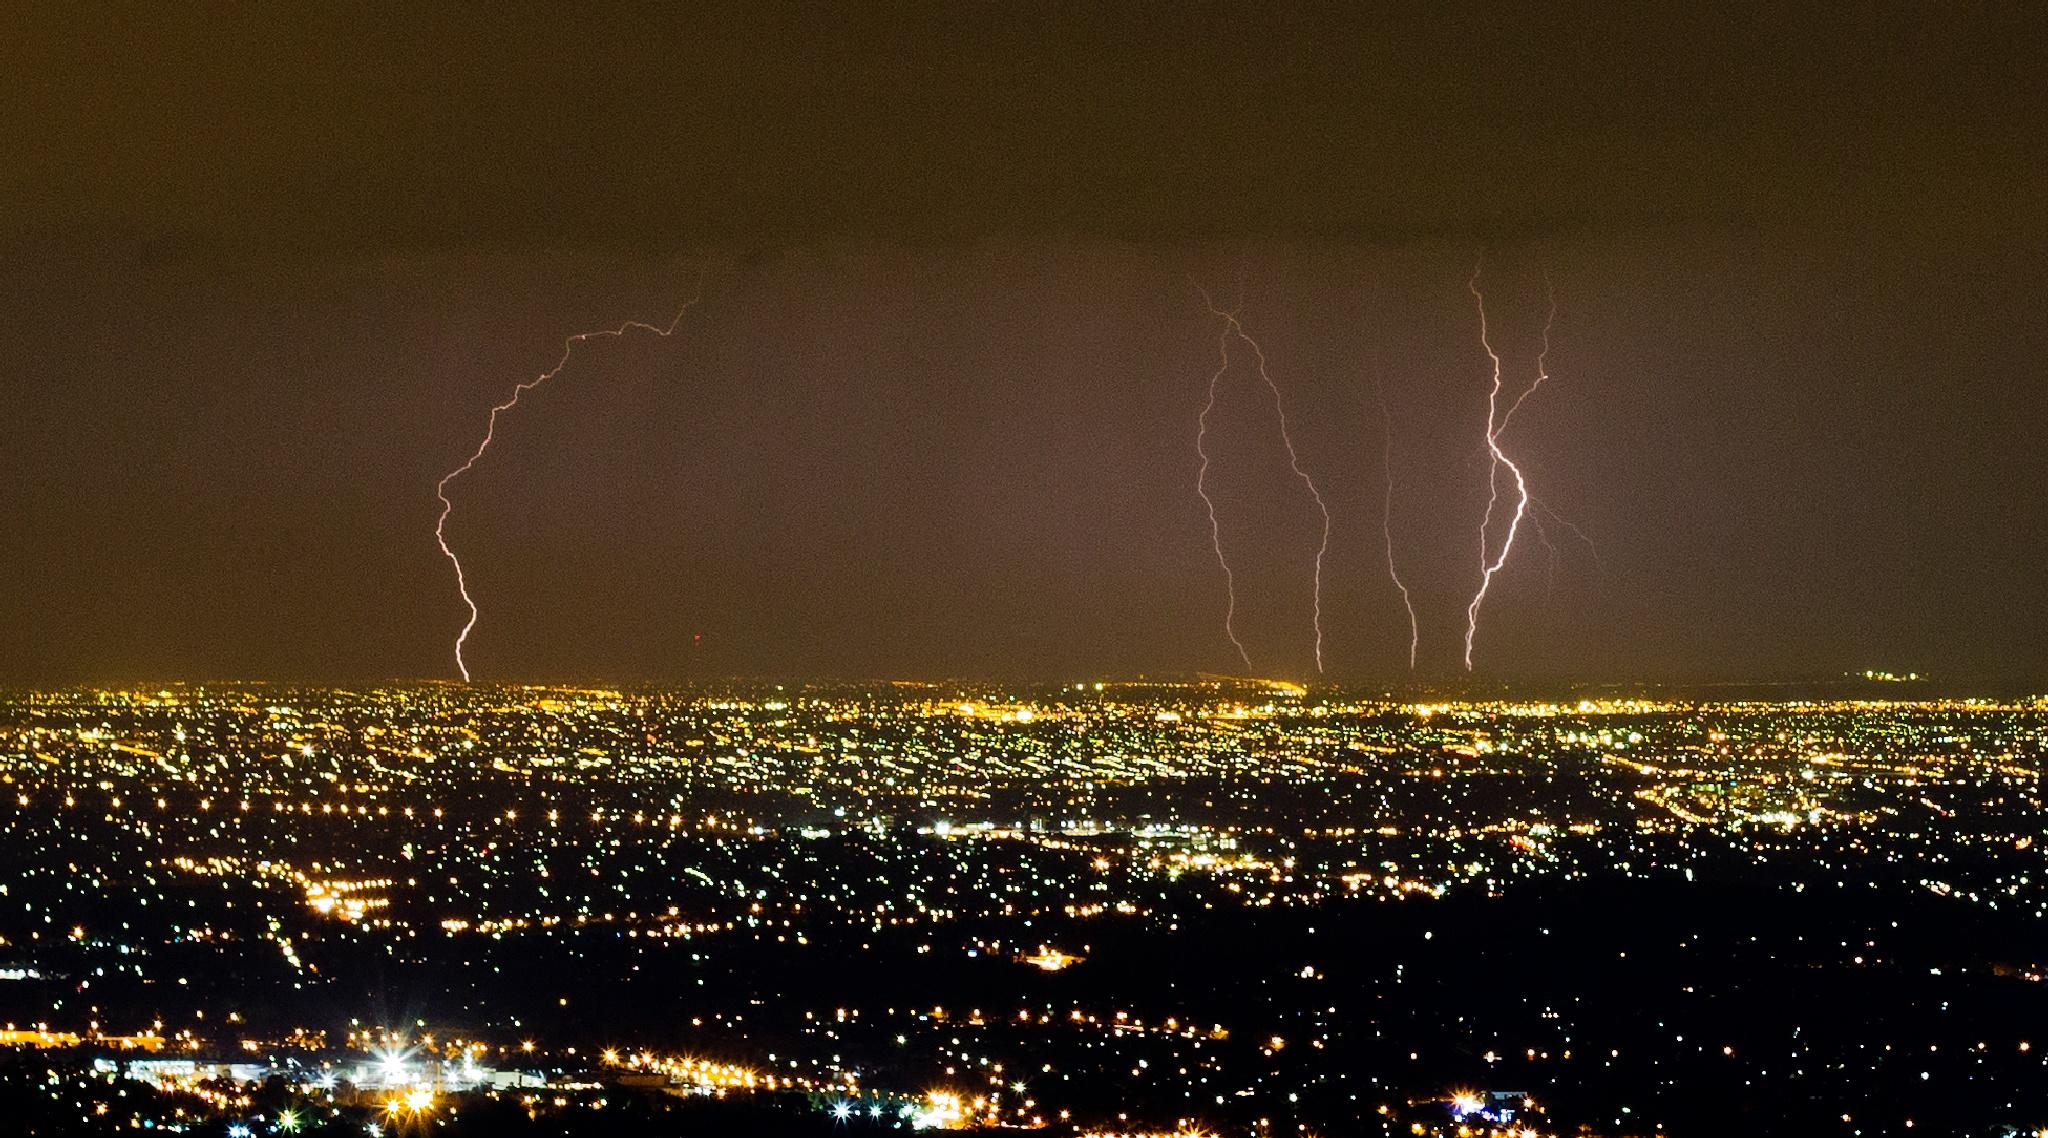 City Lightning by Mark Vivian